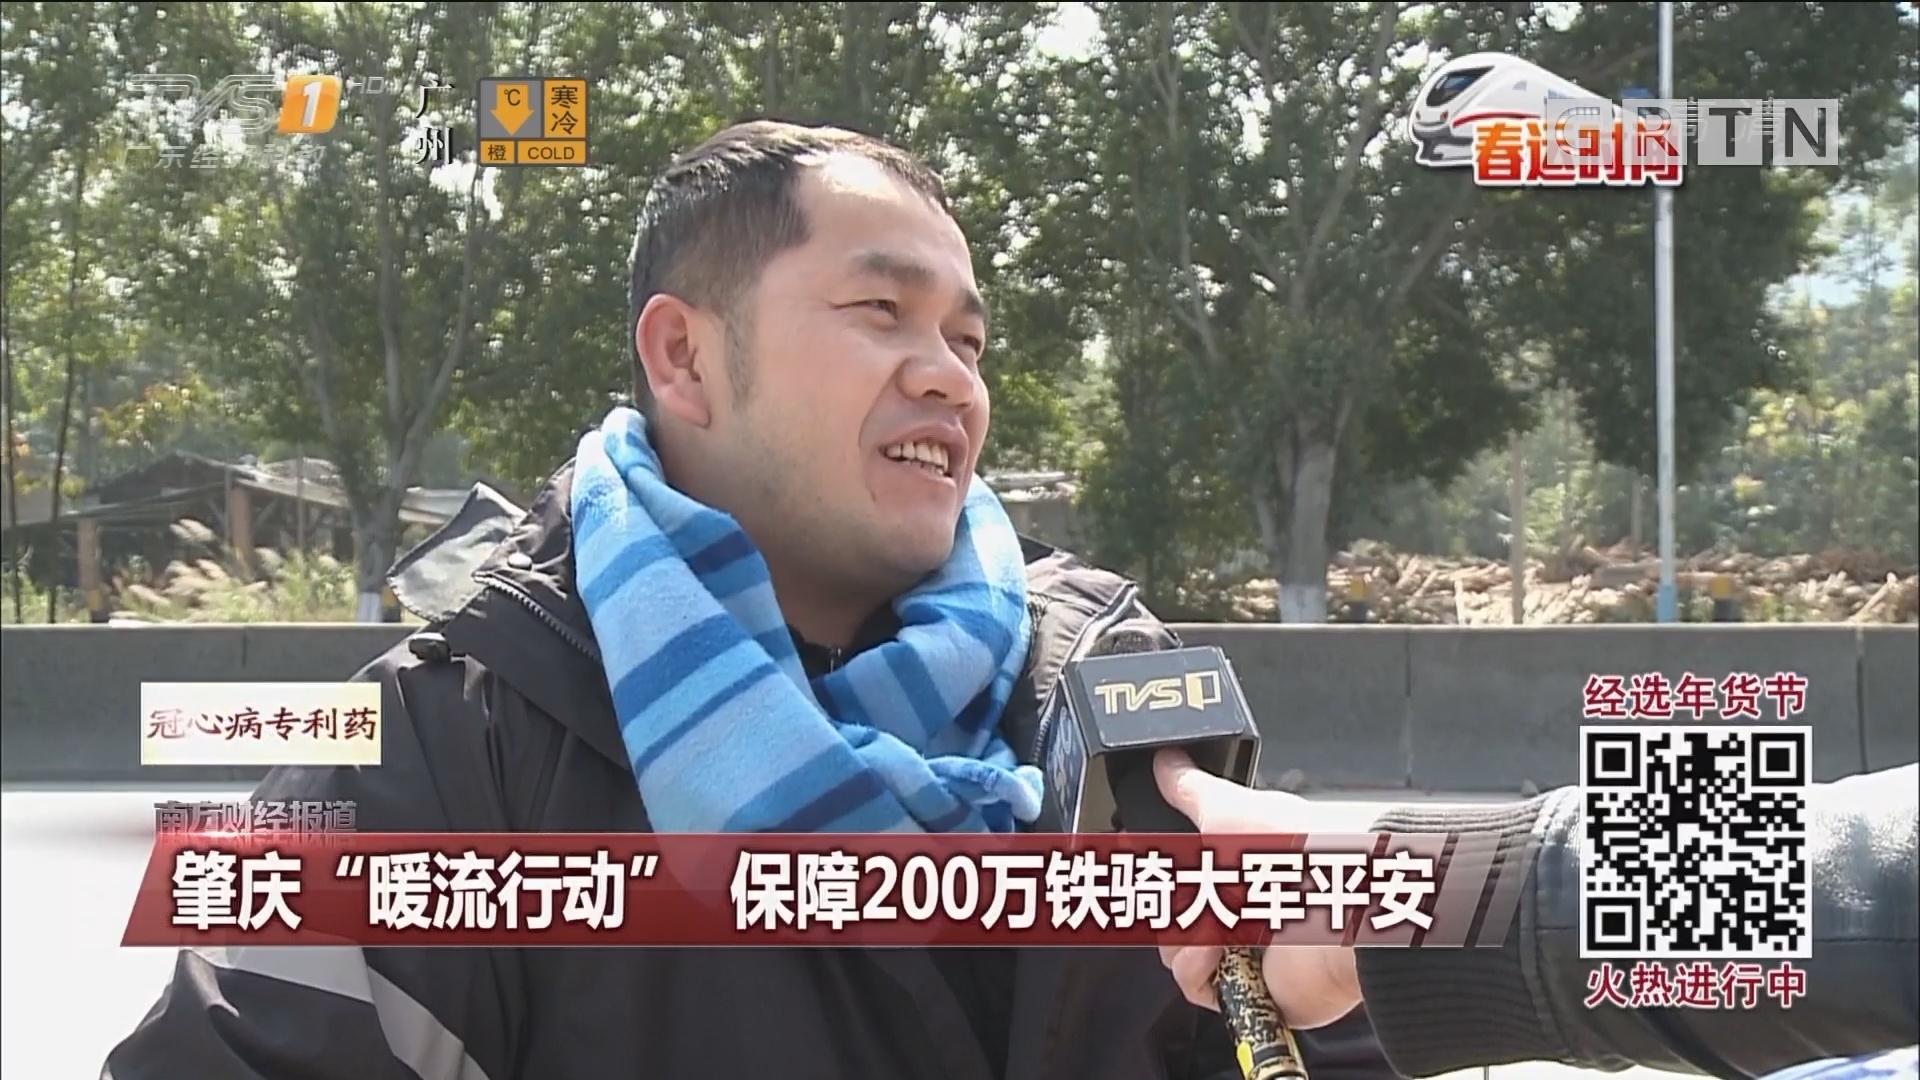 """肇庆""""暖流行动"""" 保障200万铁骑大军平安"""